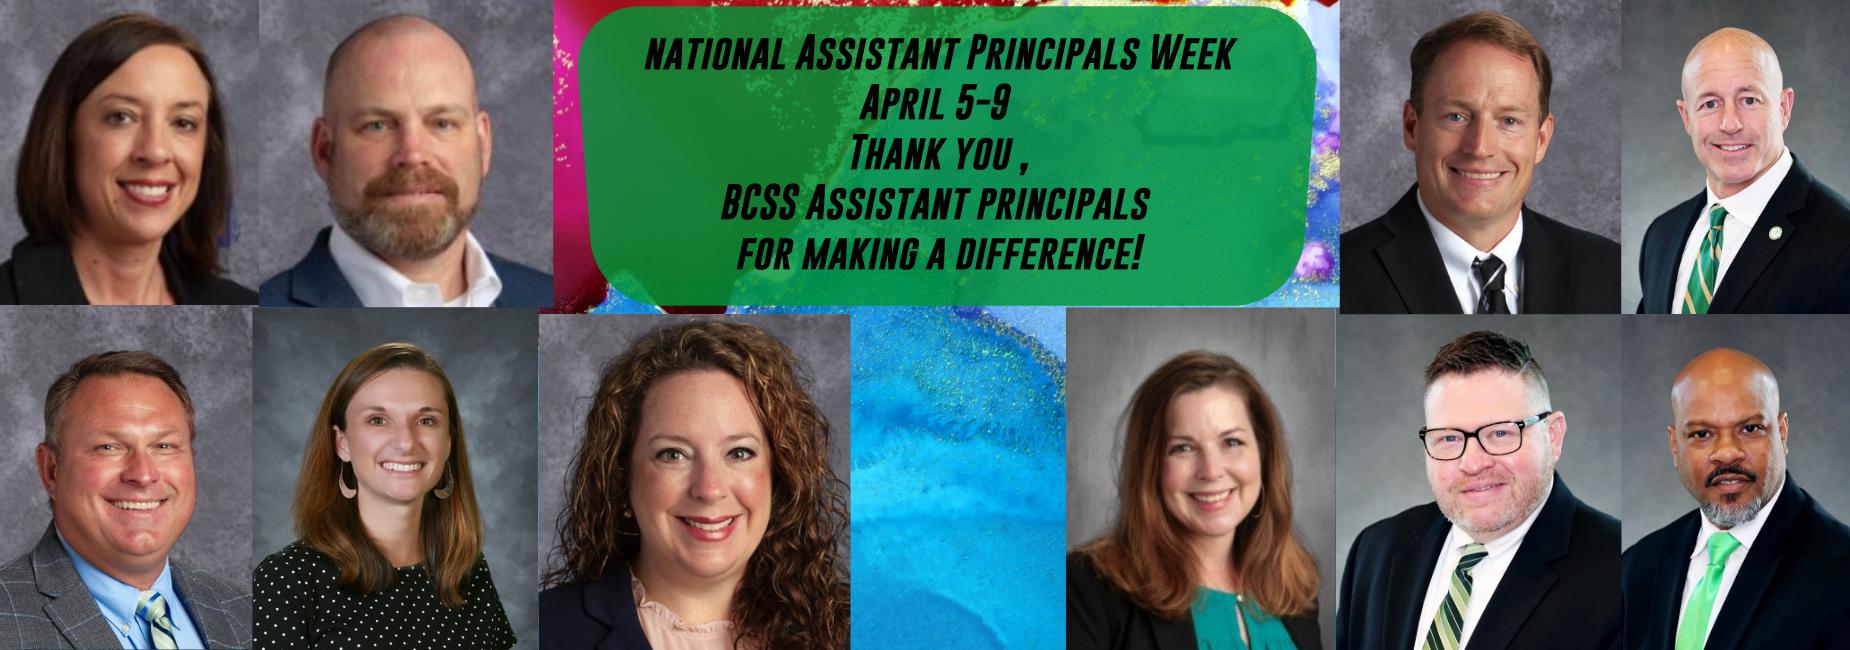 Assistant Principals